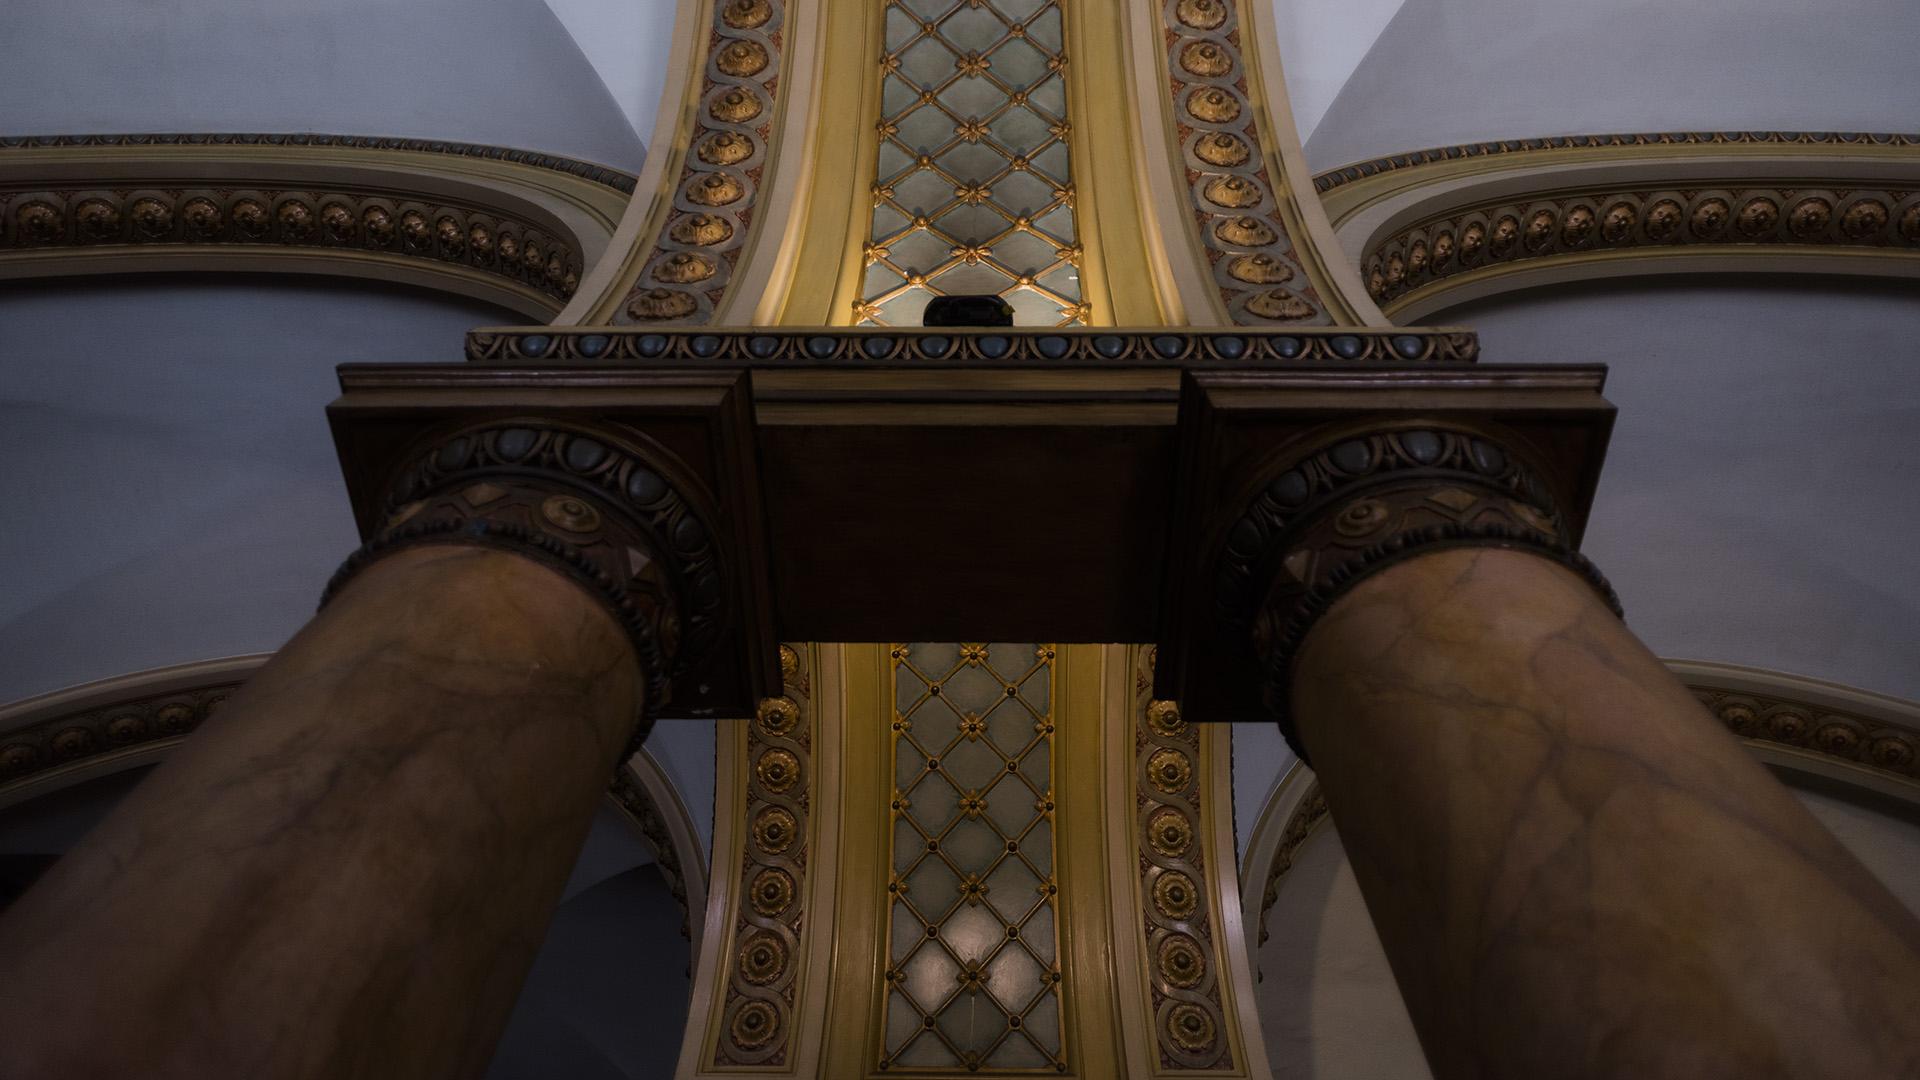 Presenta columnas corintias, frontis de influencia griega y herrería con diseño de inspiración romana